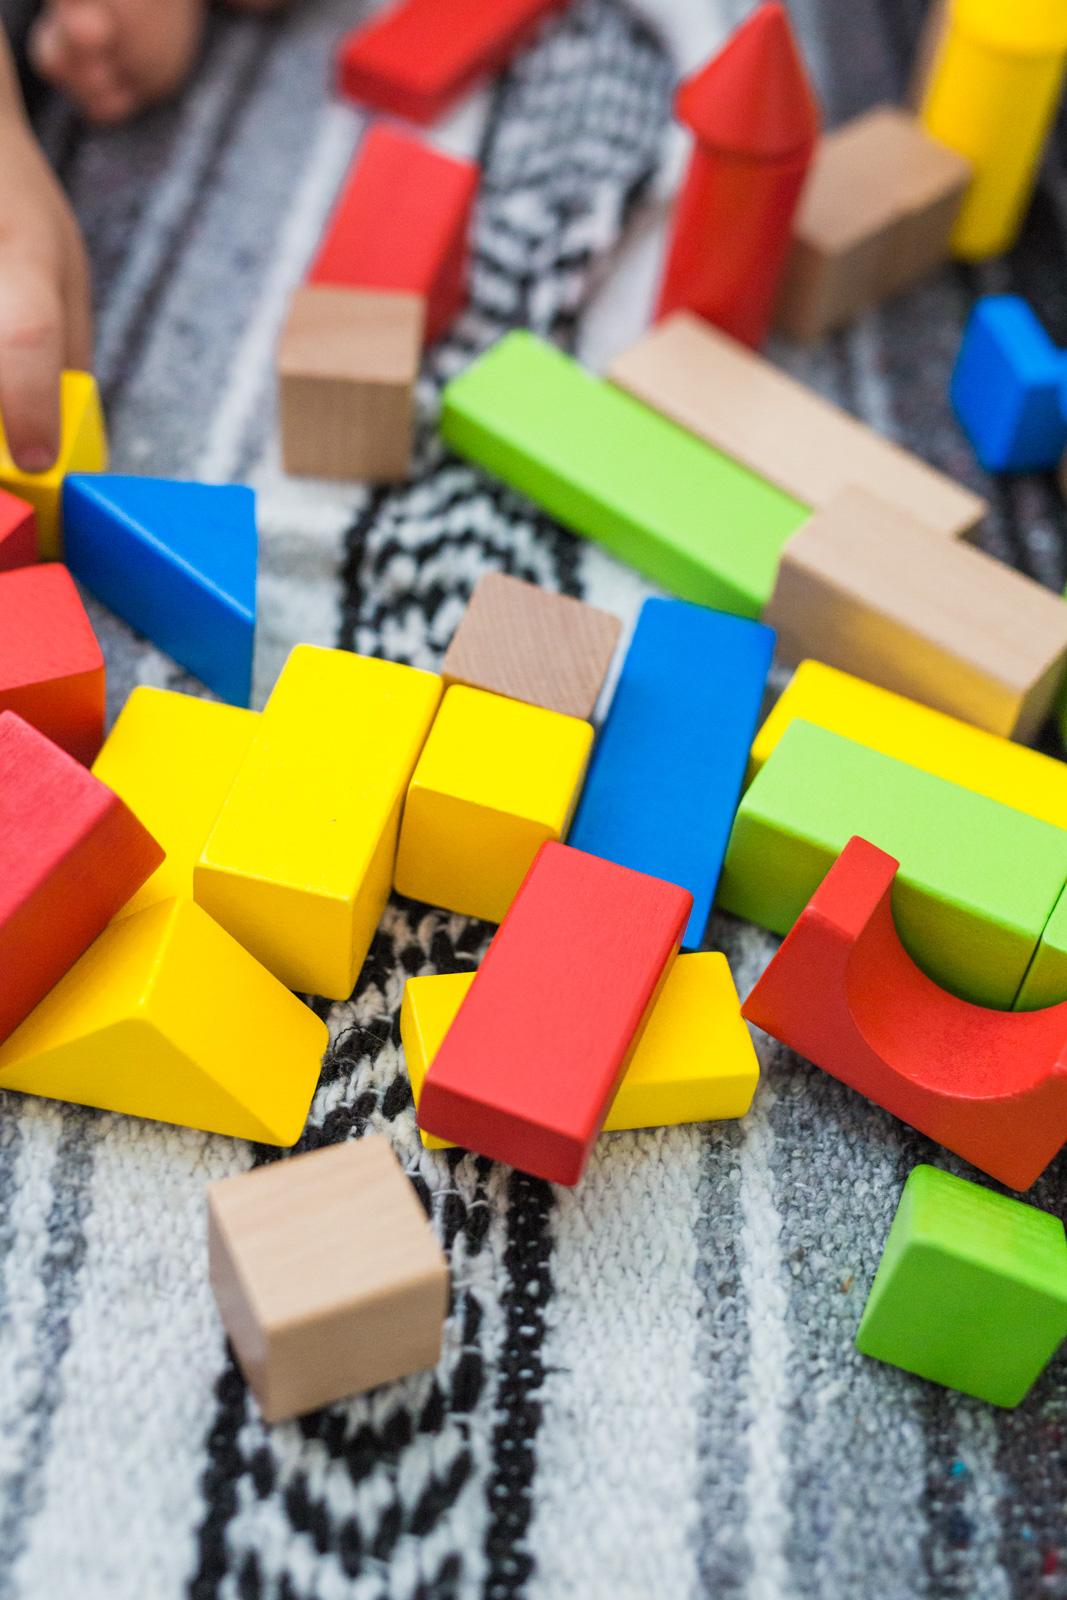 cubbie-lee-toys-review-14